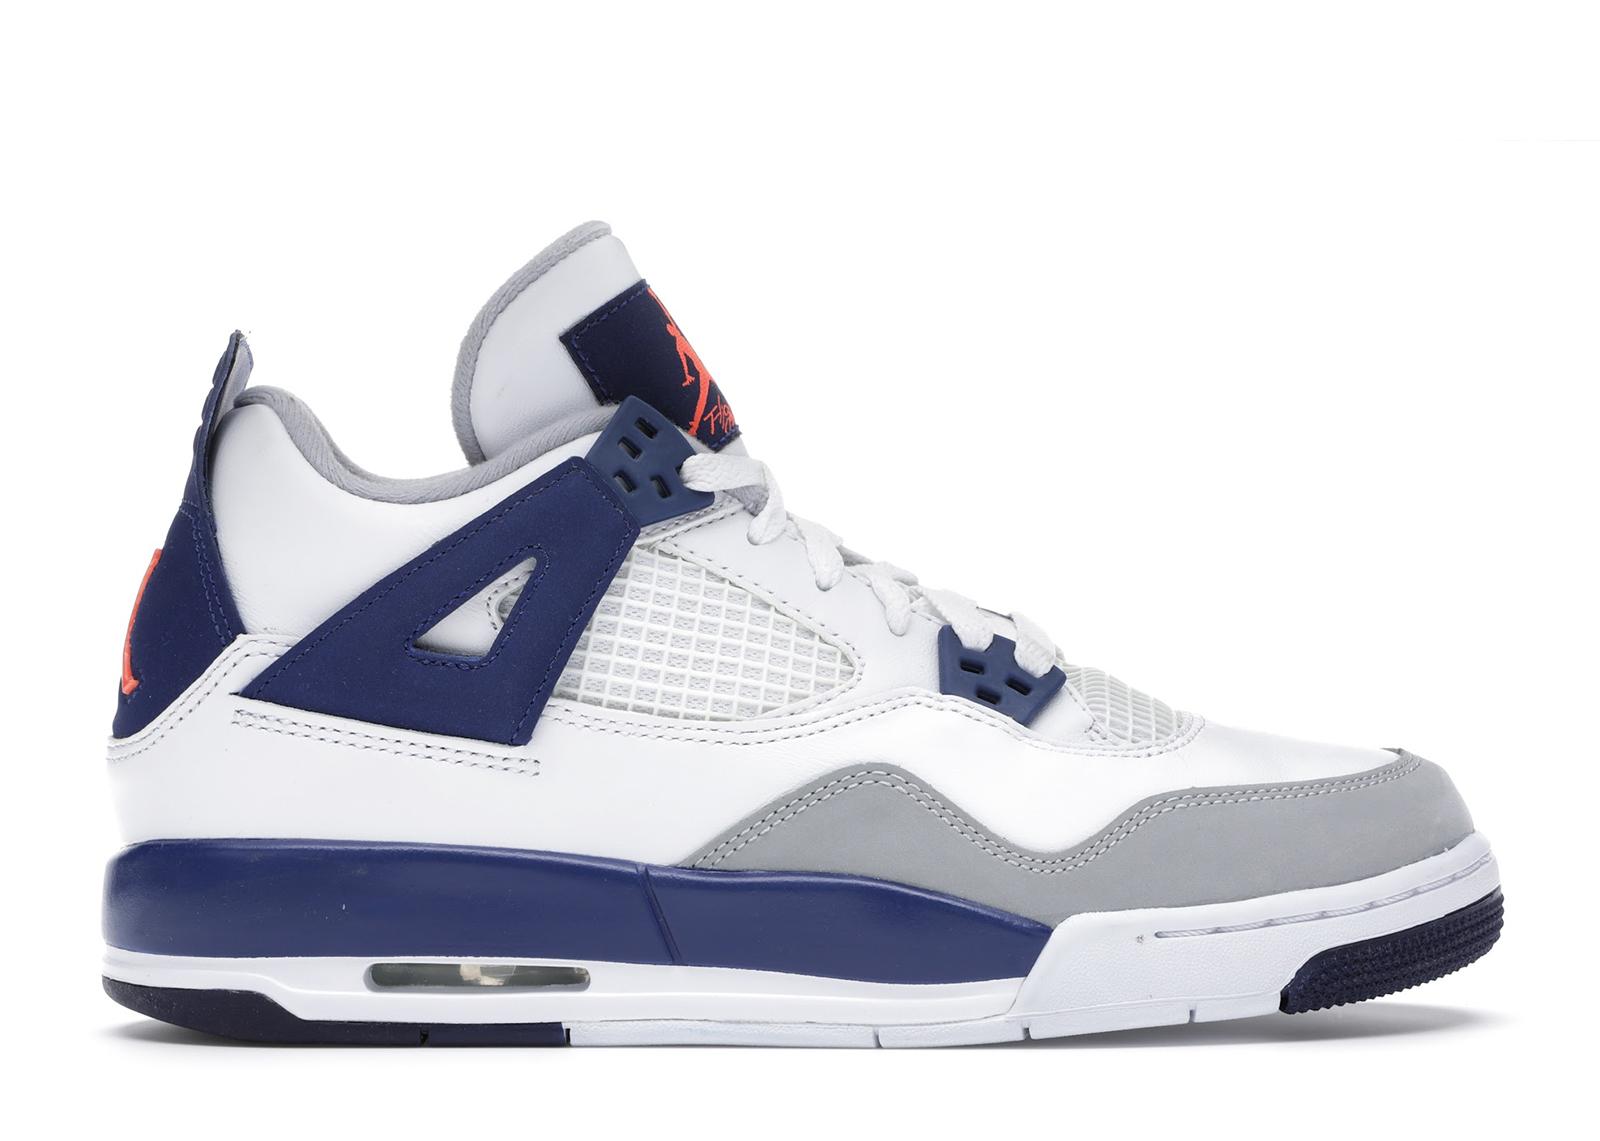 Jordan 4 Retro Deep Royal Blue (GS